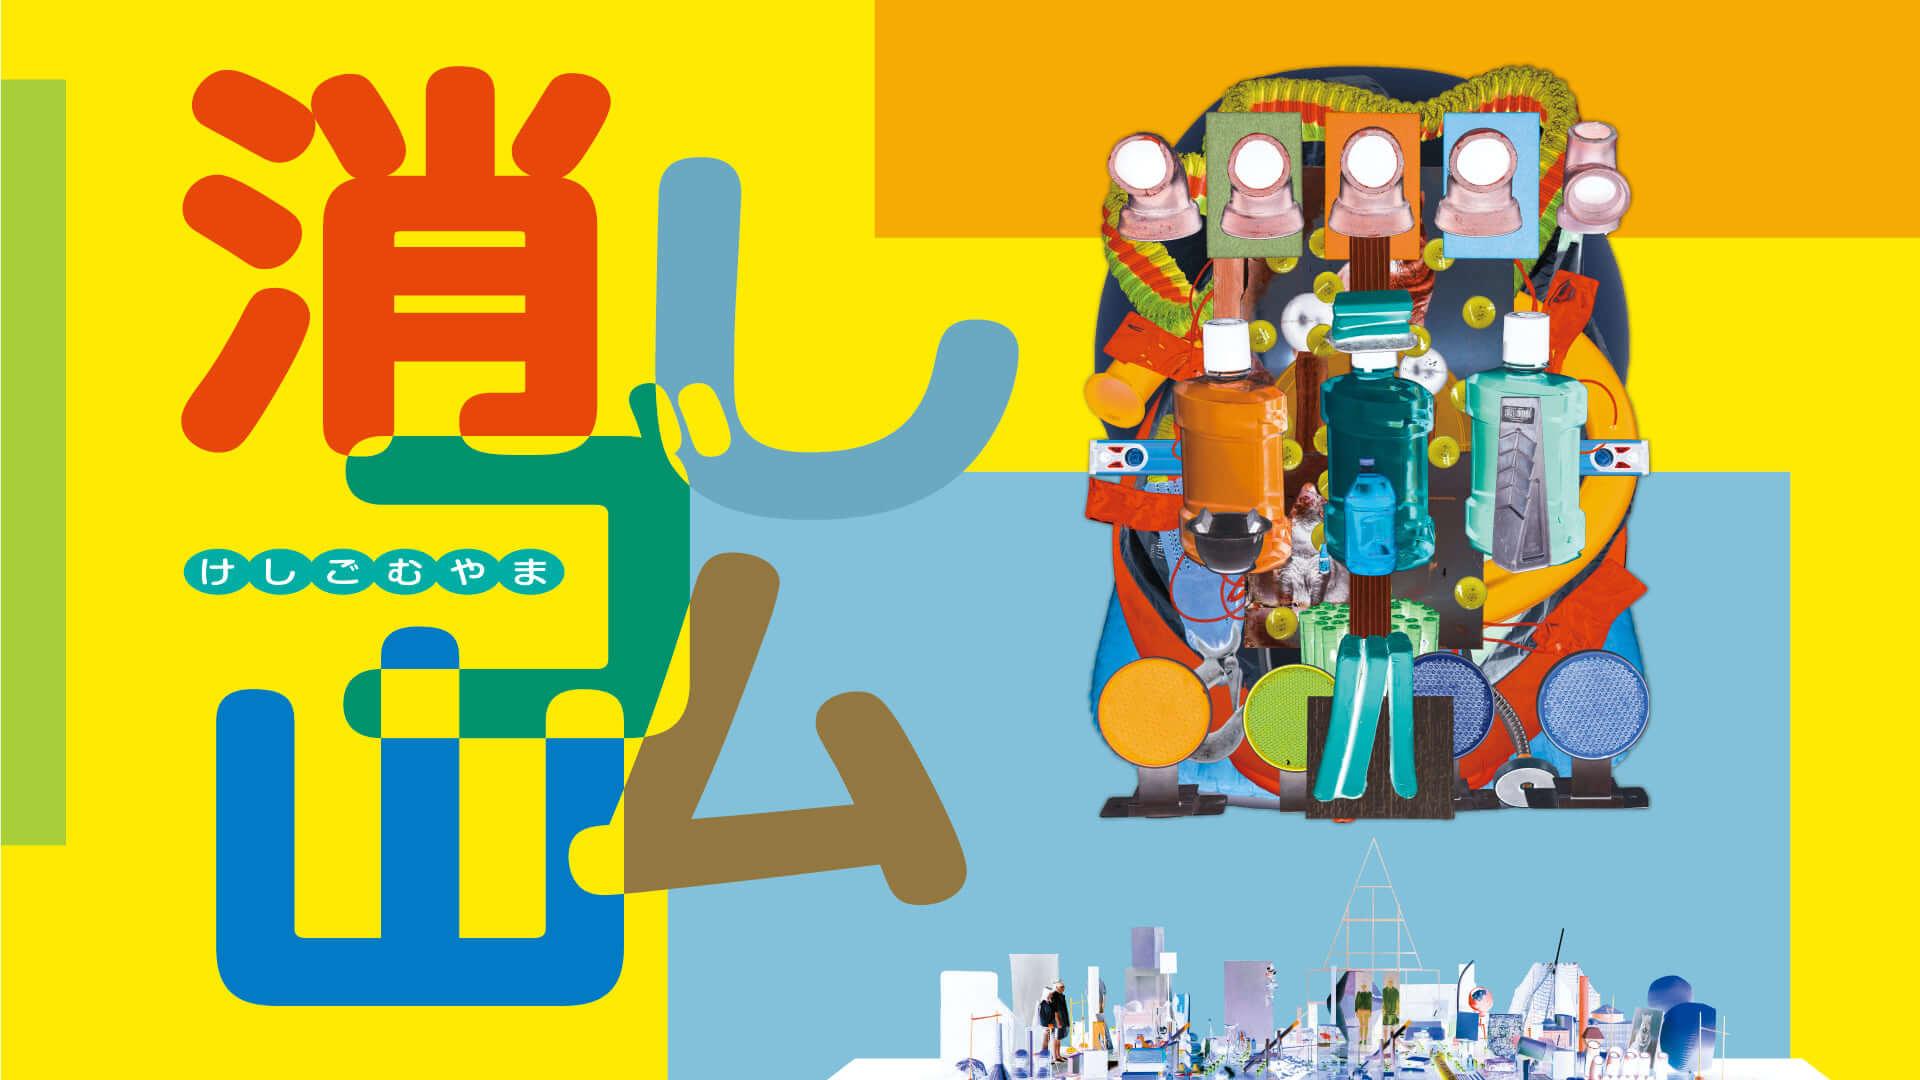 チェルフィッチュと金氏徹平による<消しゴム>シリーズ最新公演が池袋で開催決定!バリアフリー型のオンライン劇場「THEATRE for ALL」でも配信 art201225_chelfitsch-eraser_4-1920x1080